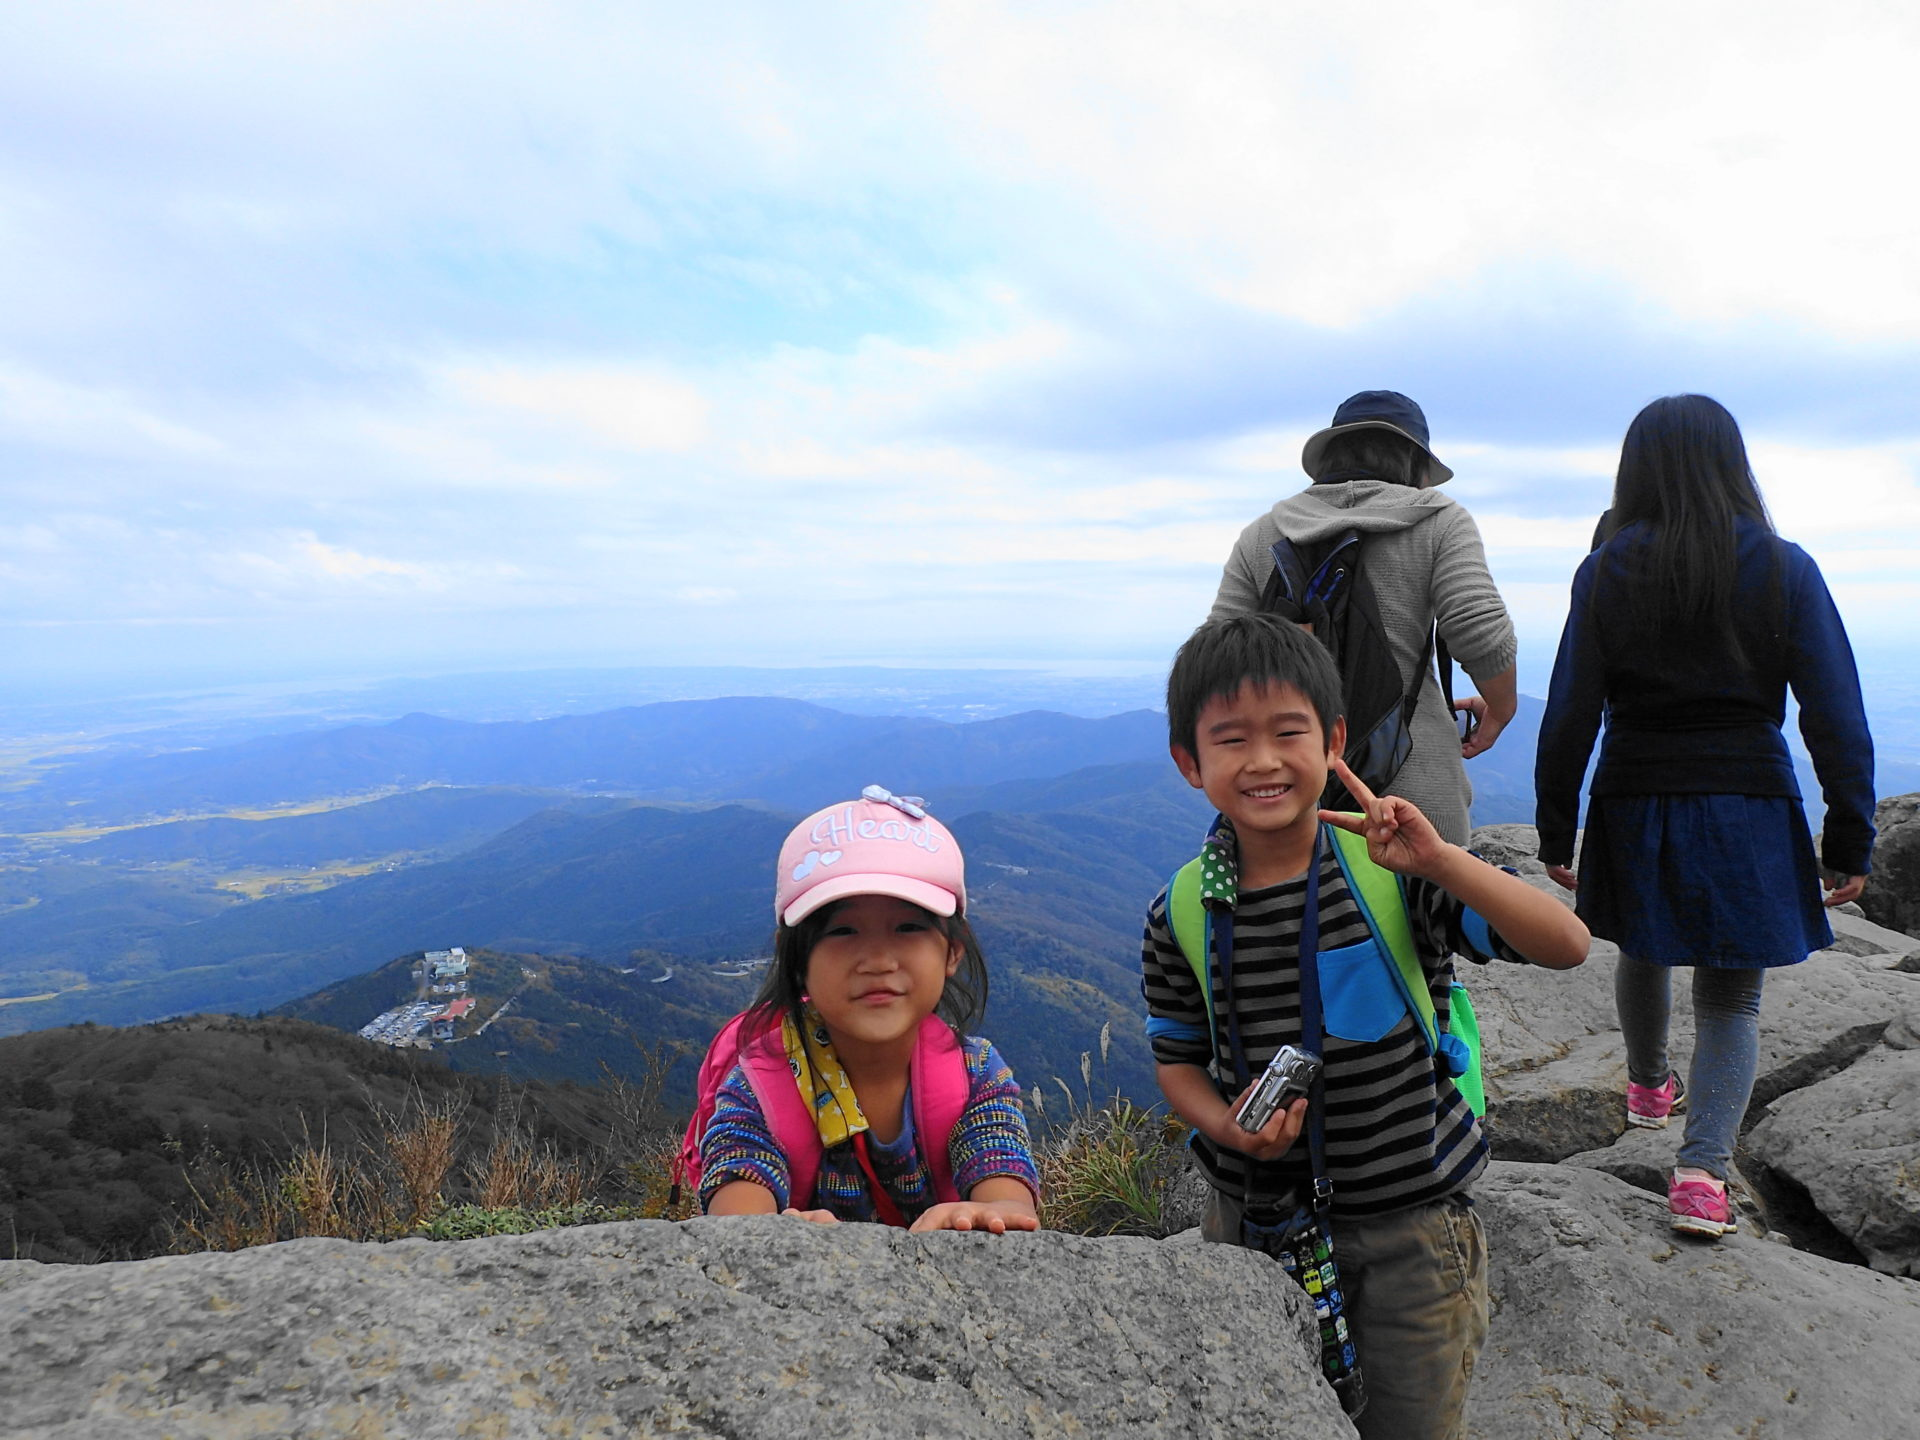 筑波山登頂に成功した子供たち